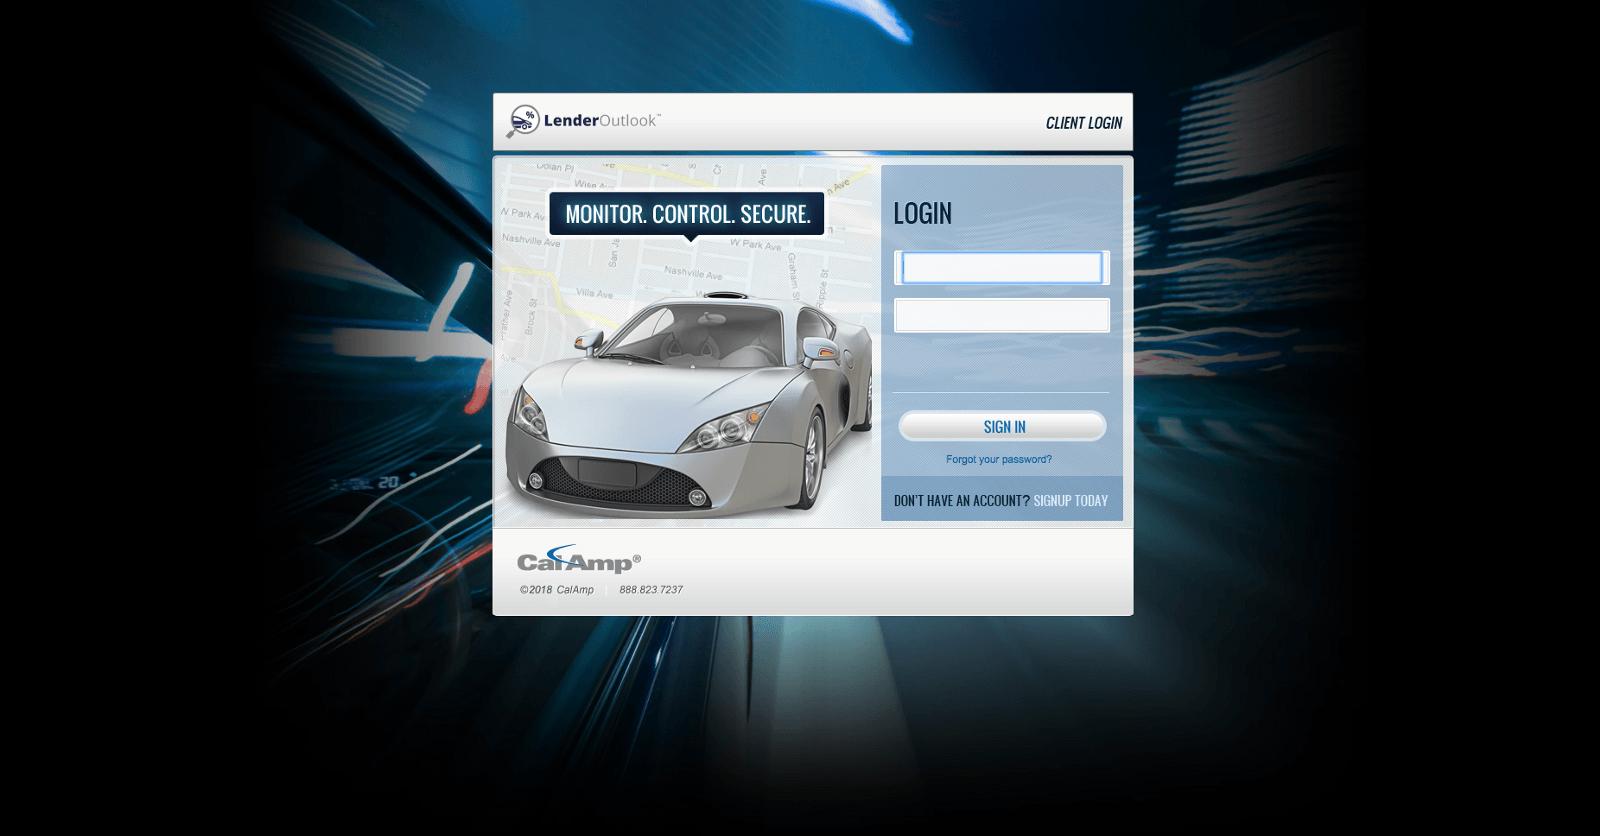 Un error en un sistema de alarma conectados expuso a vehículos al hacking remoto